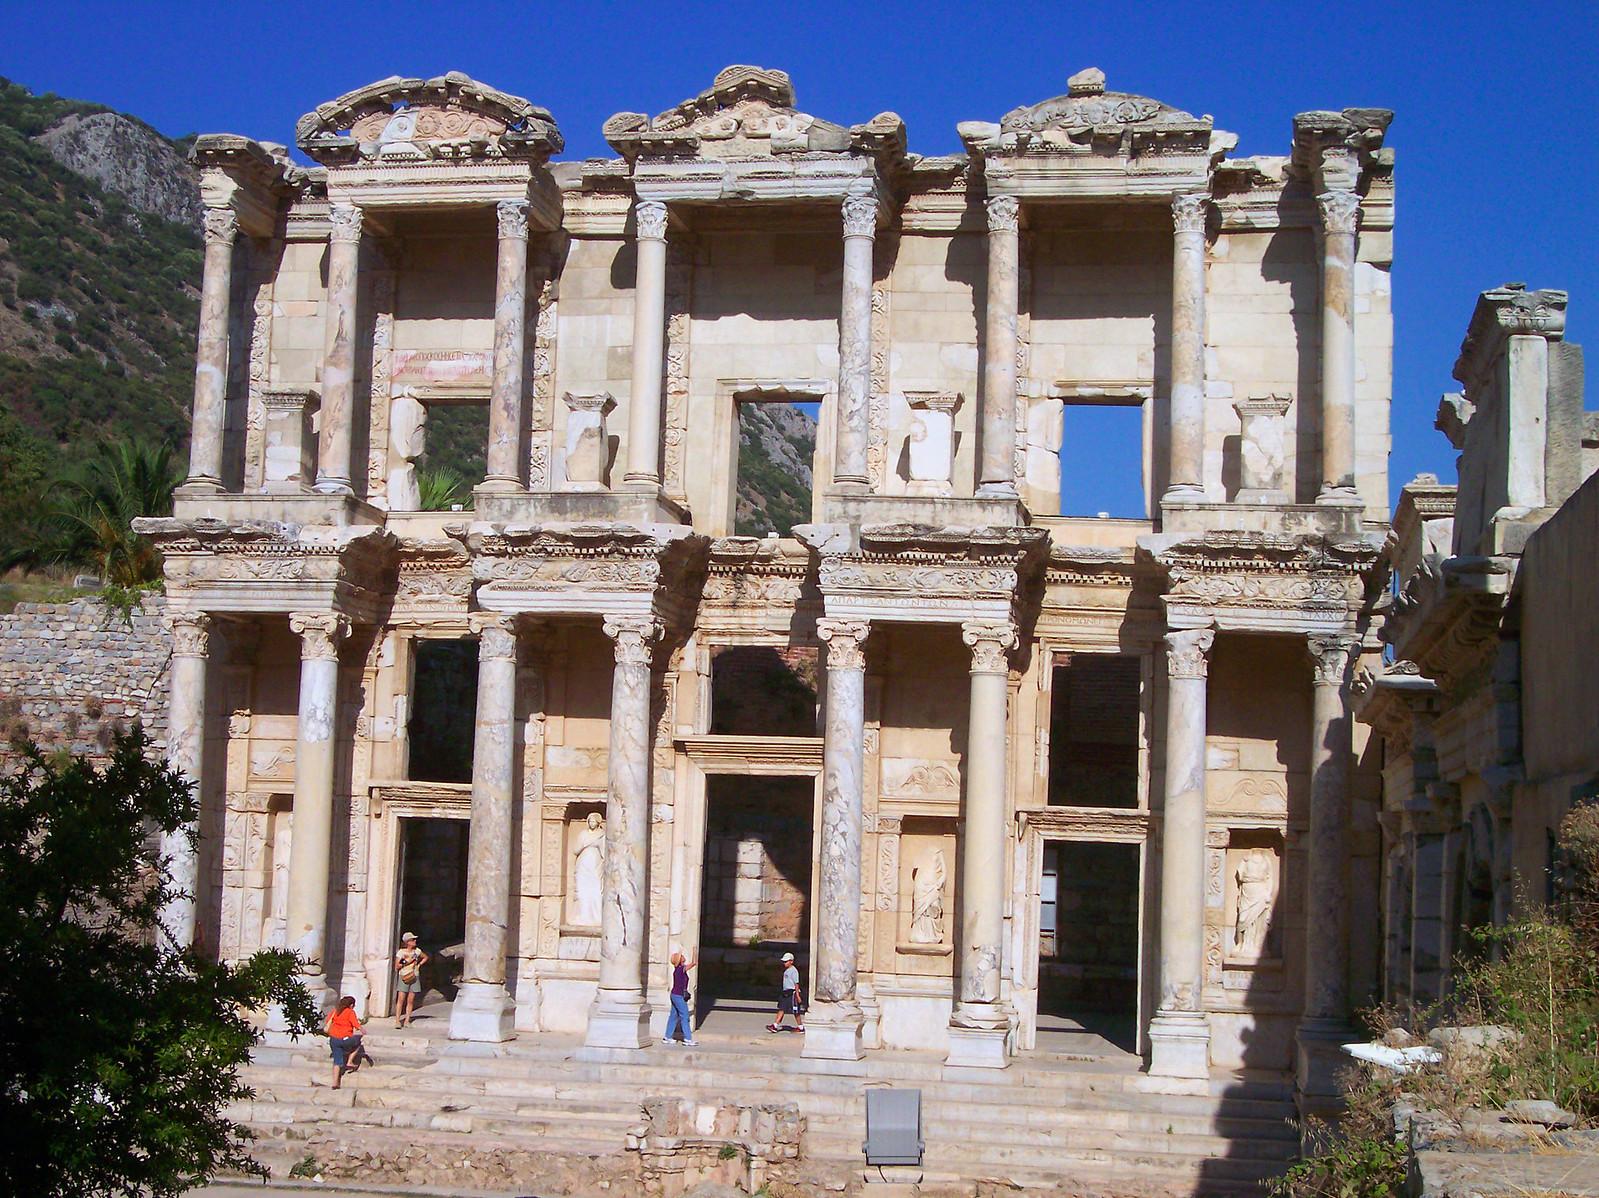 ¿ es seguro viajar a Turquía ? es seguro viajar a turquía - 45959209391 506fbaf1e4 h - ¿ Es seguro viajar a Turquía ?